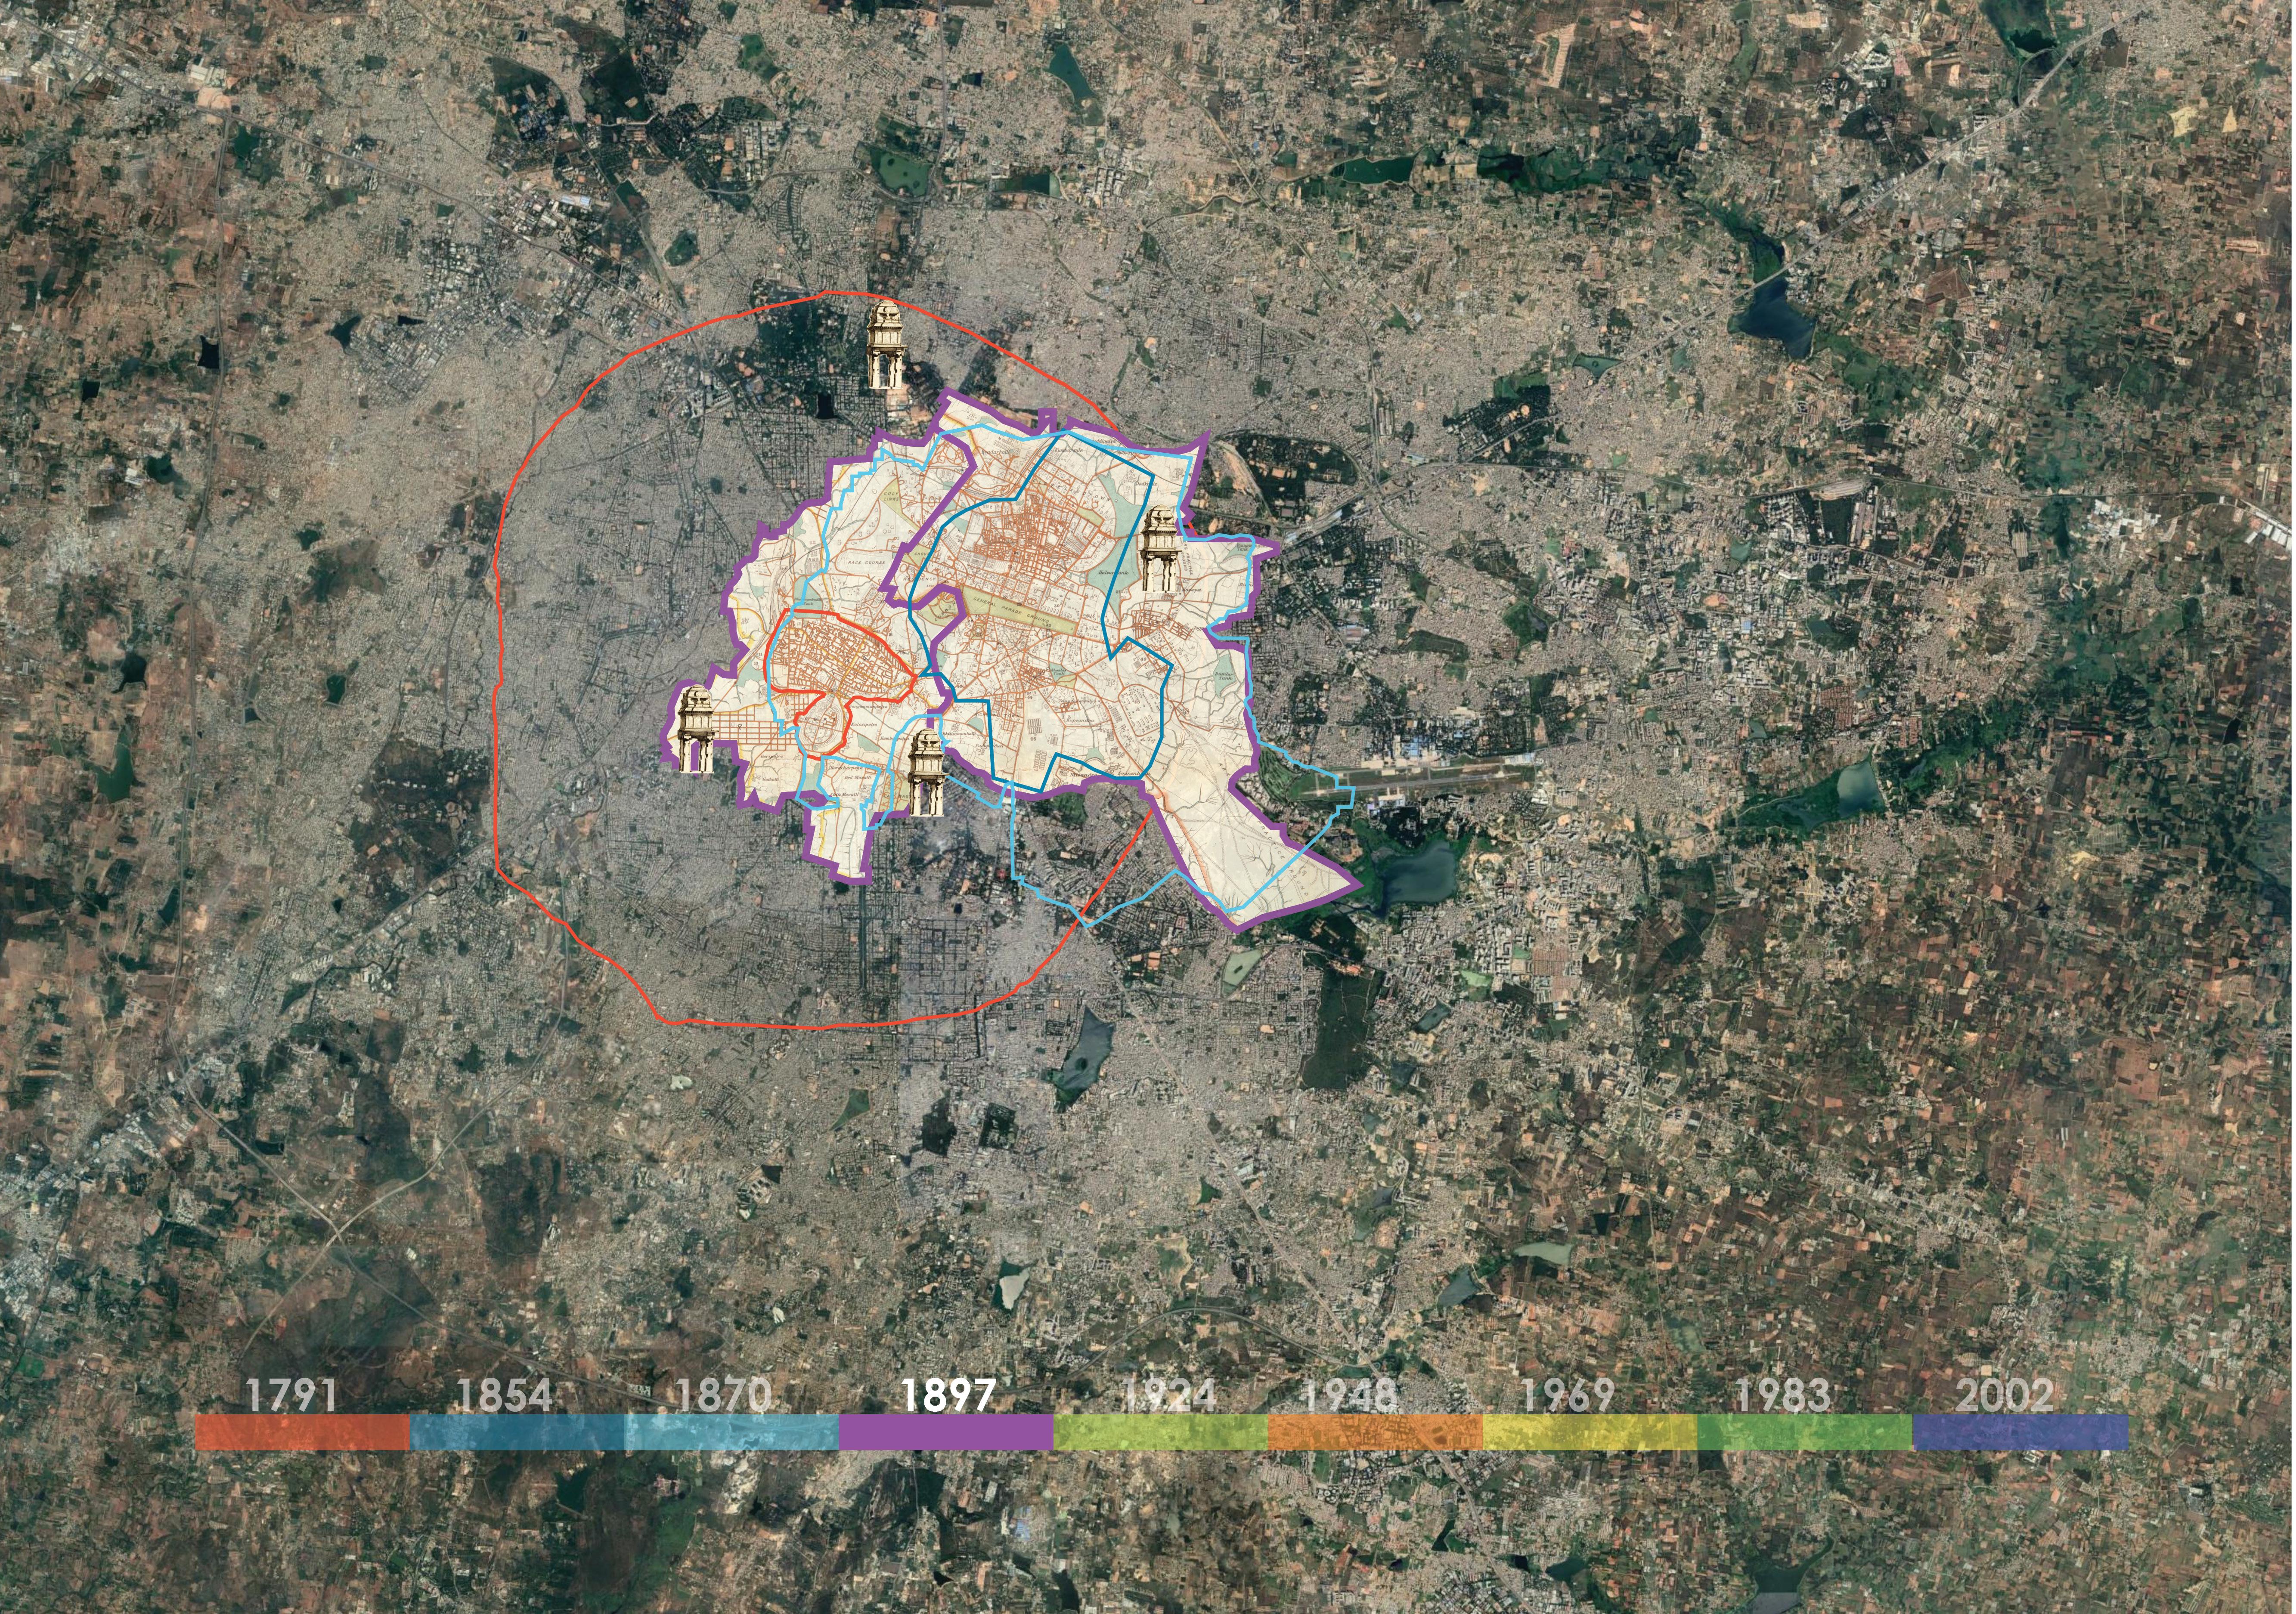 Mapping Bengaluru